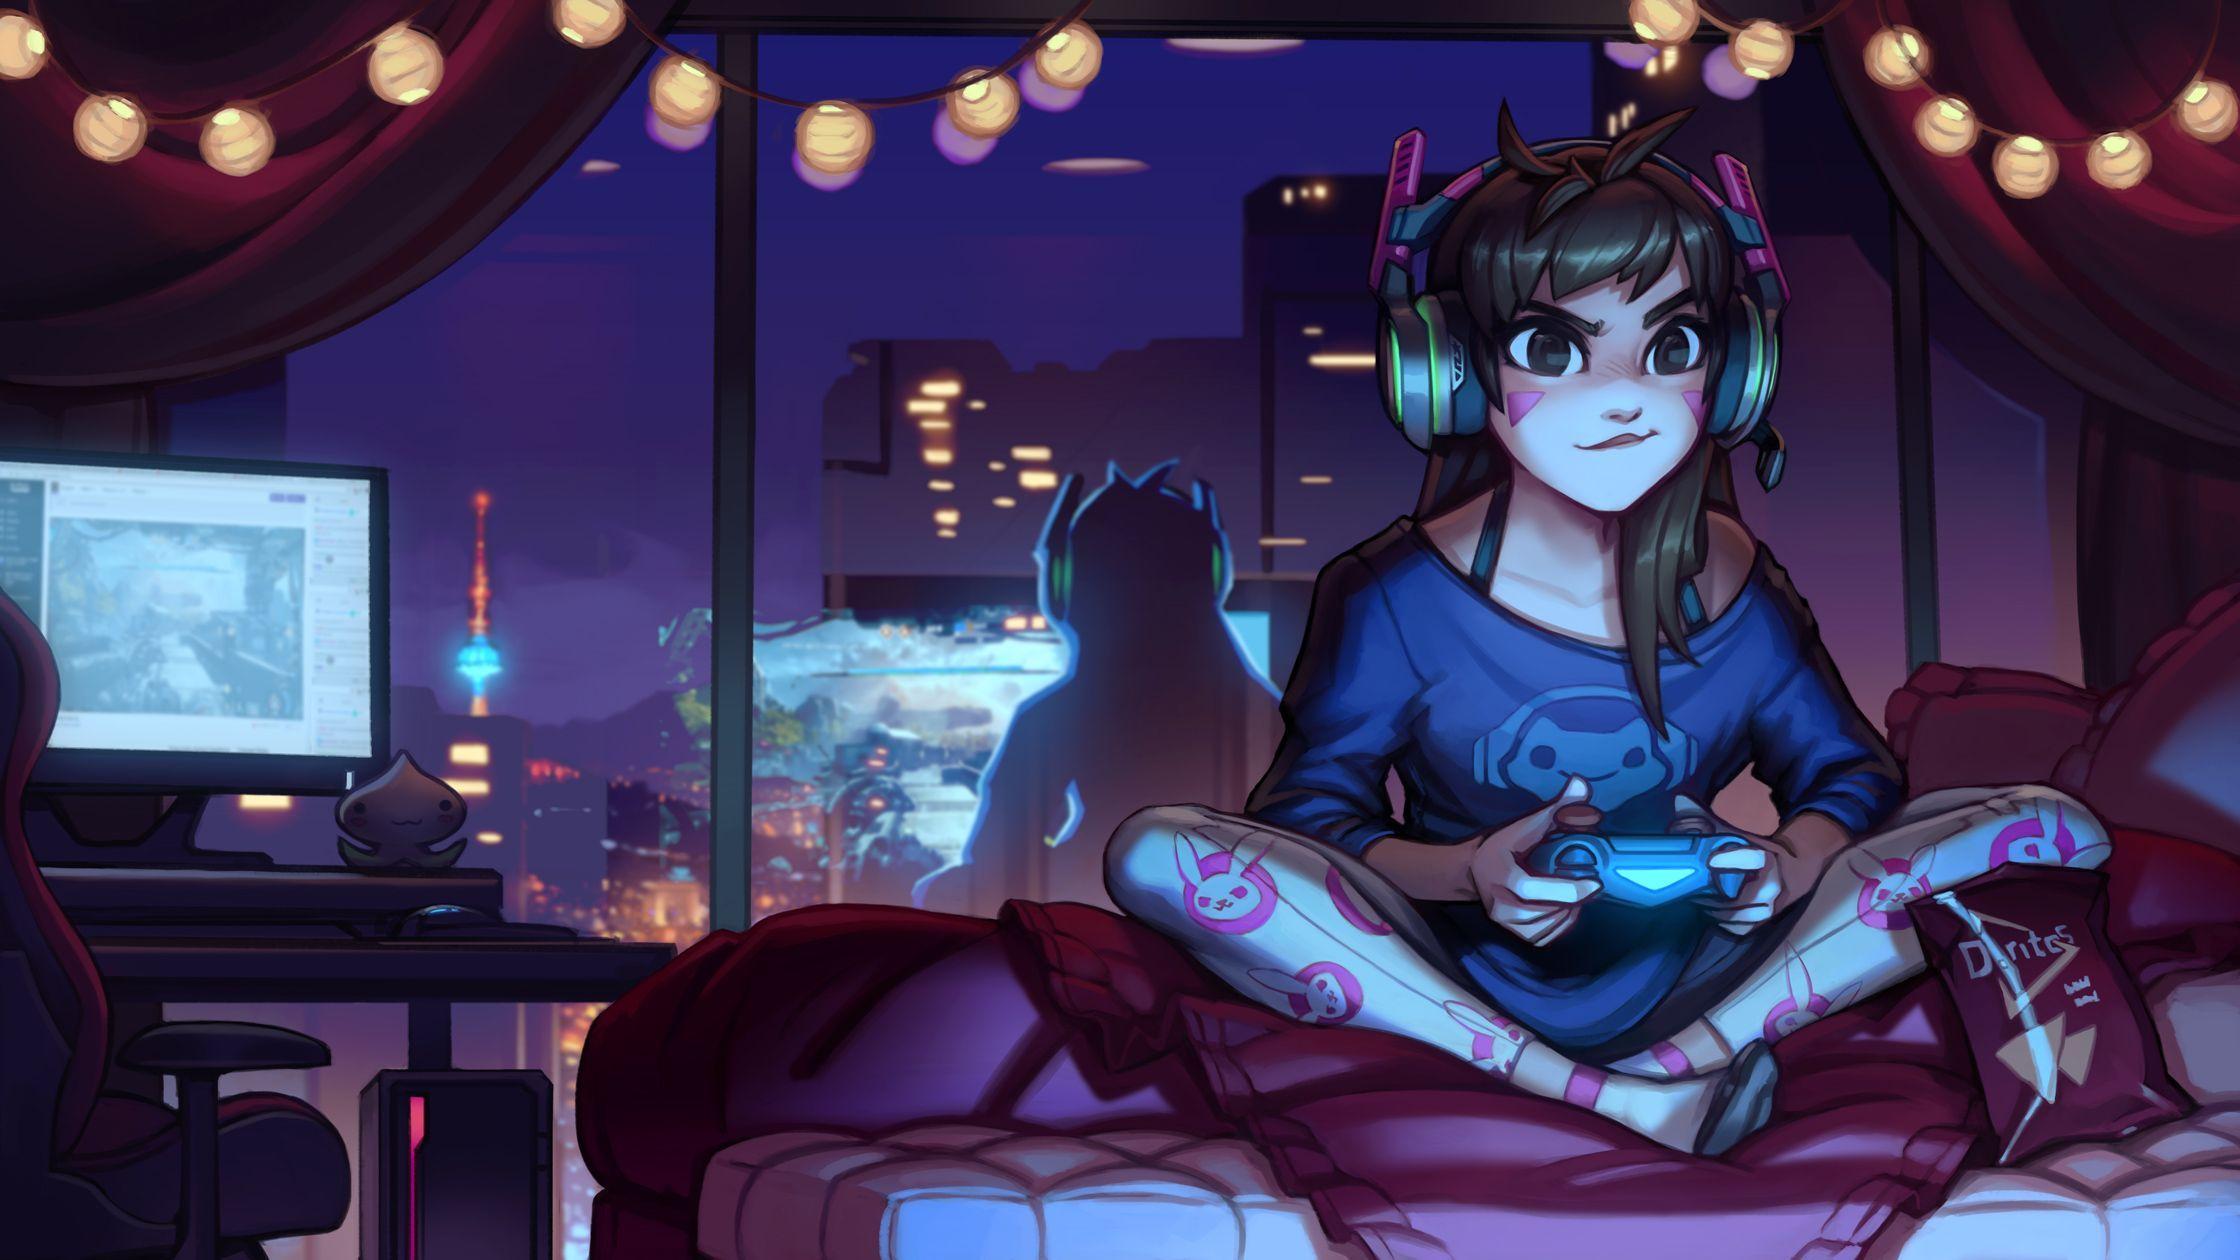 Tumblr gamer girl anime MarfaGames